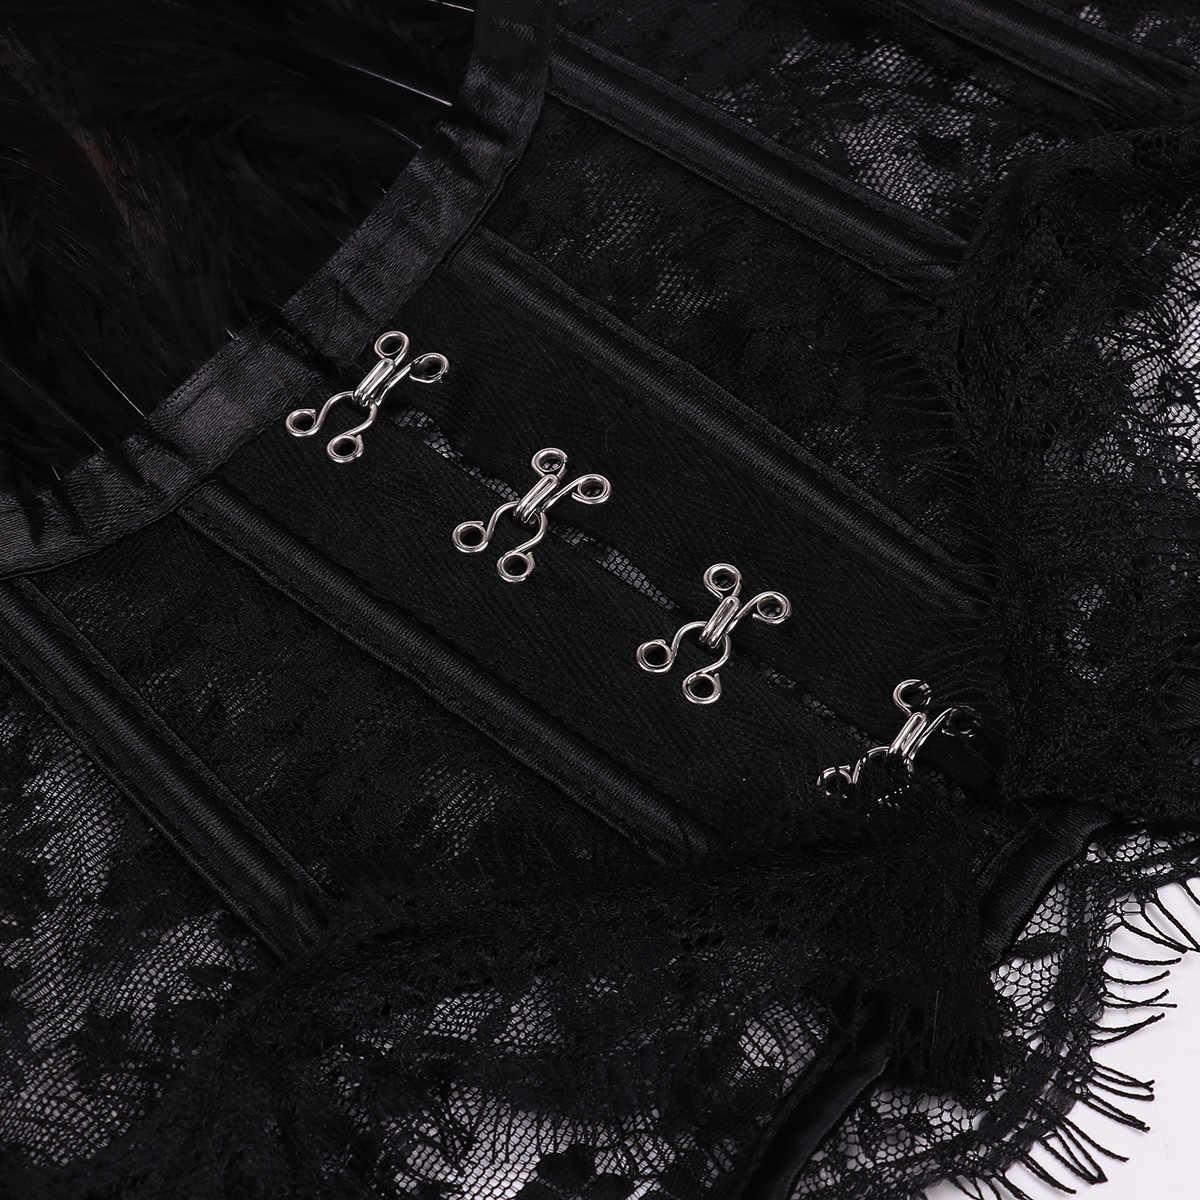 Le donne Punk Gotico falso Del Collare Della Piuma Del Capo Spalla Del Merletto Bolero Giacca Scrollata di Spalle Magliette e camicette Retro Vintage Halloween Goth Rave Costumi